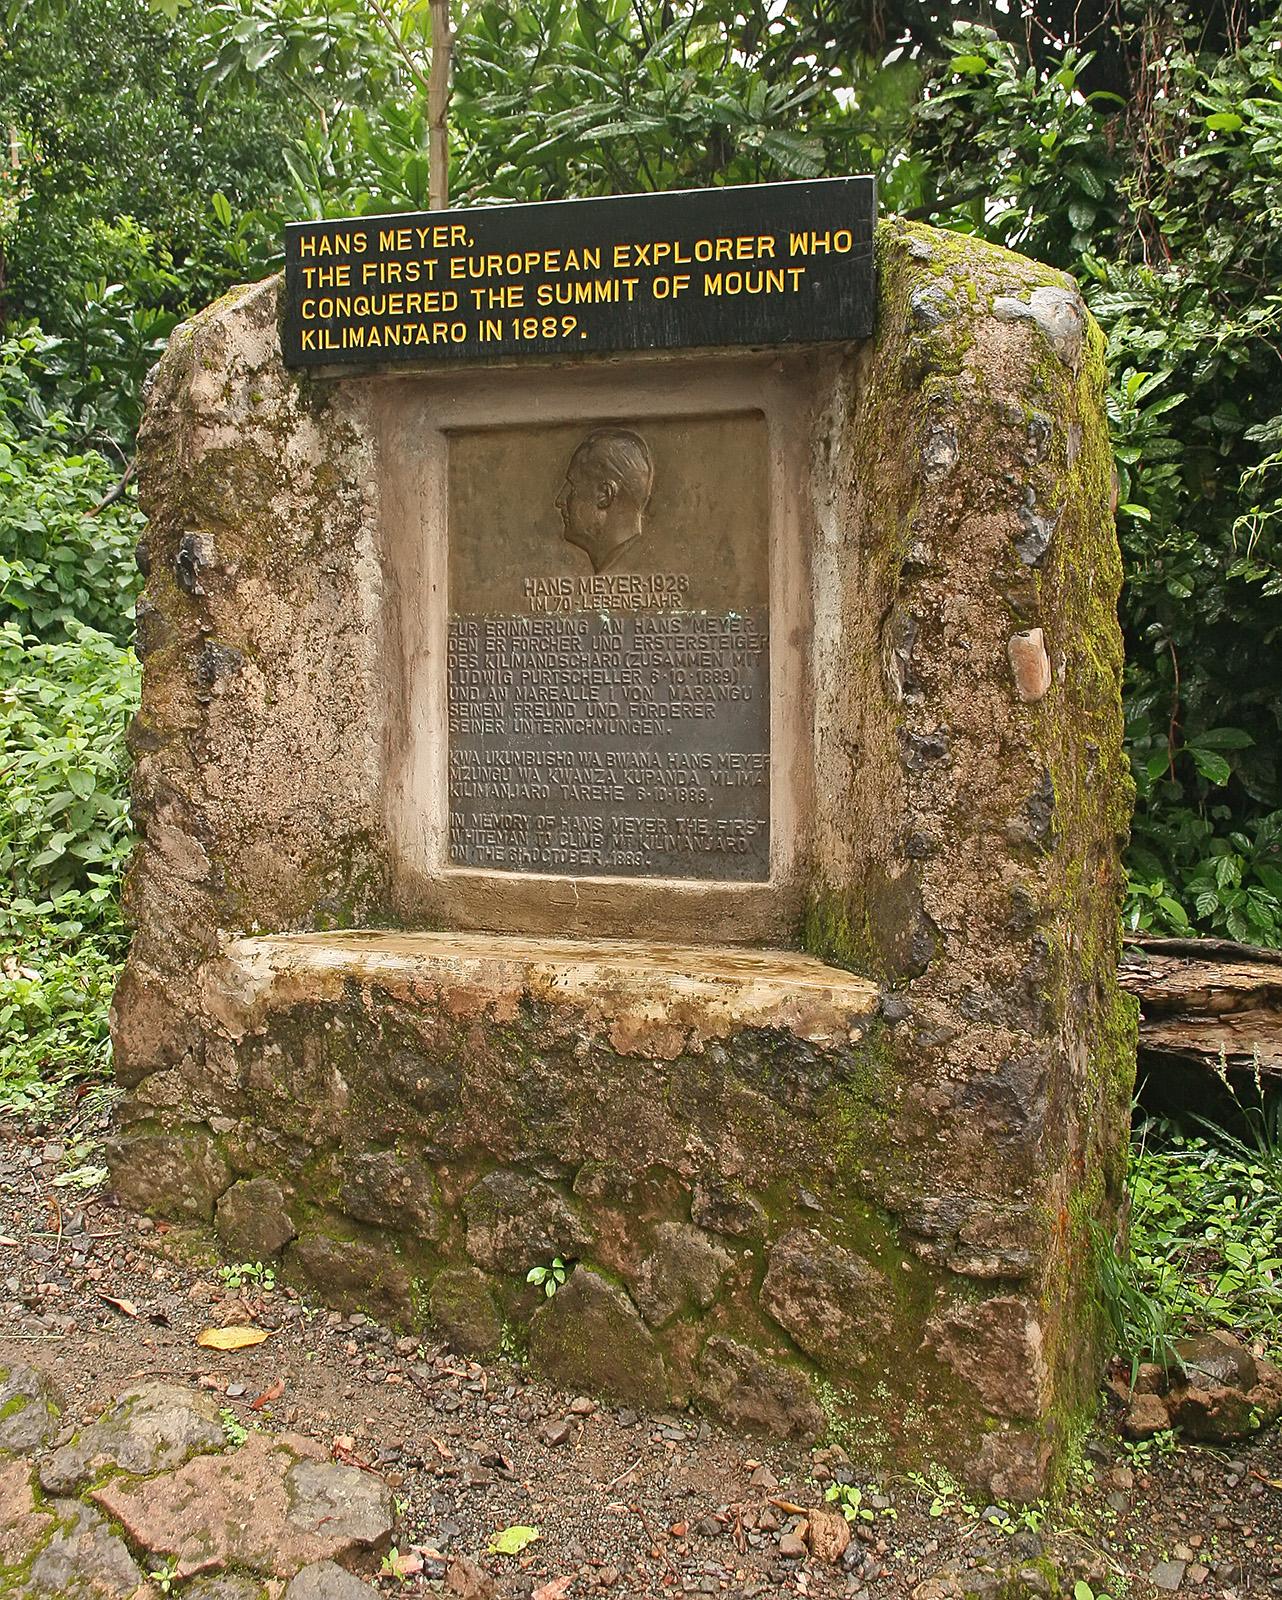 Kilimandjaro d finition c 39 est quoi for Dormant fenetre c est quoi